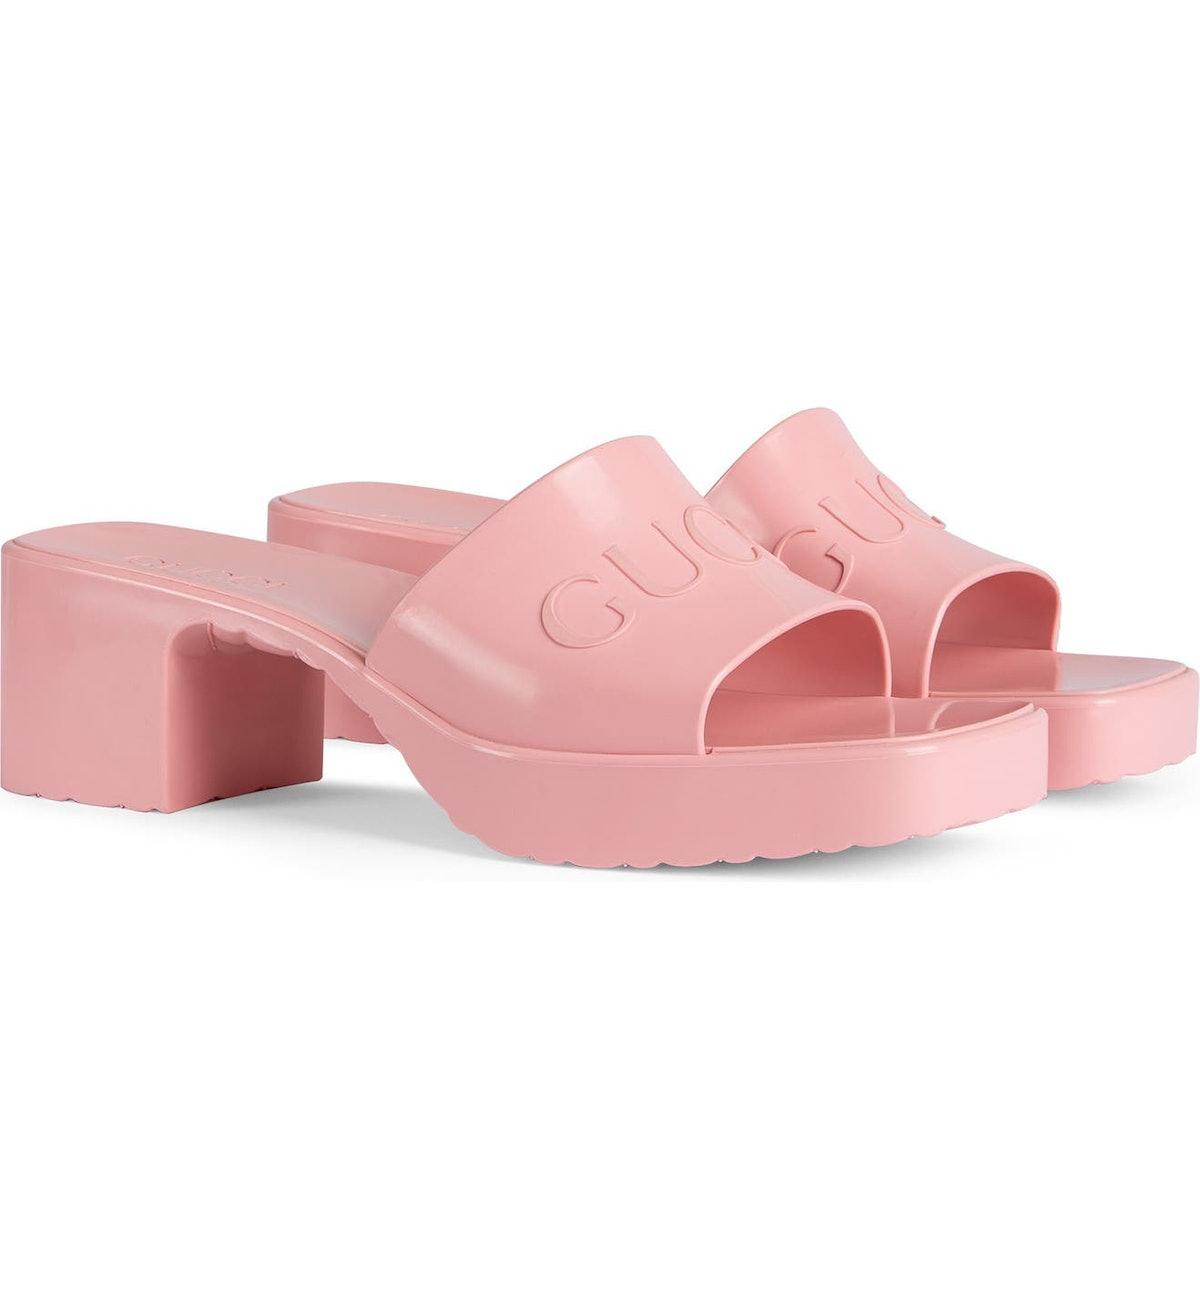 Rubber Logo Platform Slide Sandals